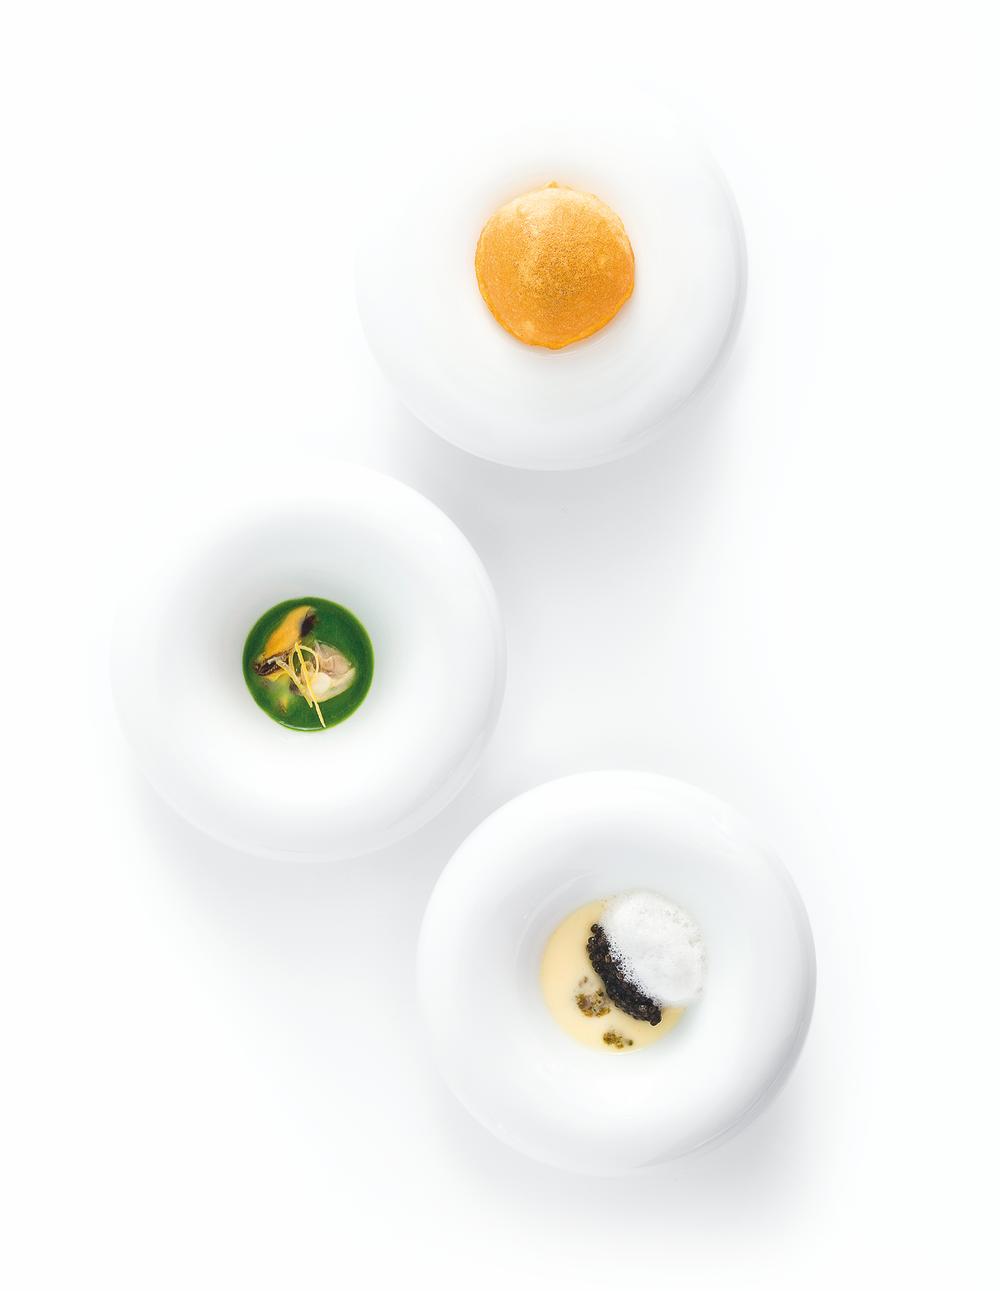 海葵三吃。美麗似海中花的海葵,配以不同海產,以綿潤、清涼、酥脆等不同口感精巧呈現在盤中。色澤、結構賞心悅目。巧思如此,將漁婦和馬賽祖母們的家常菜譜如藝術品般展現。